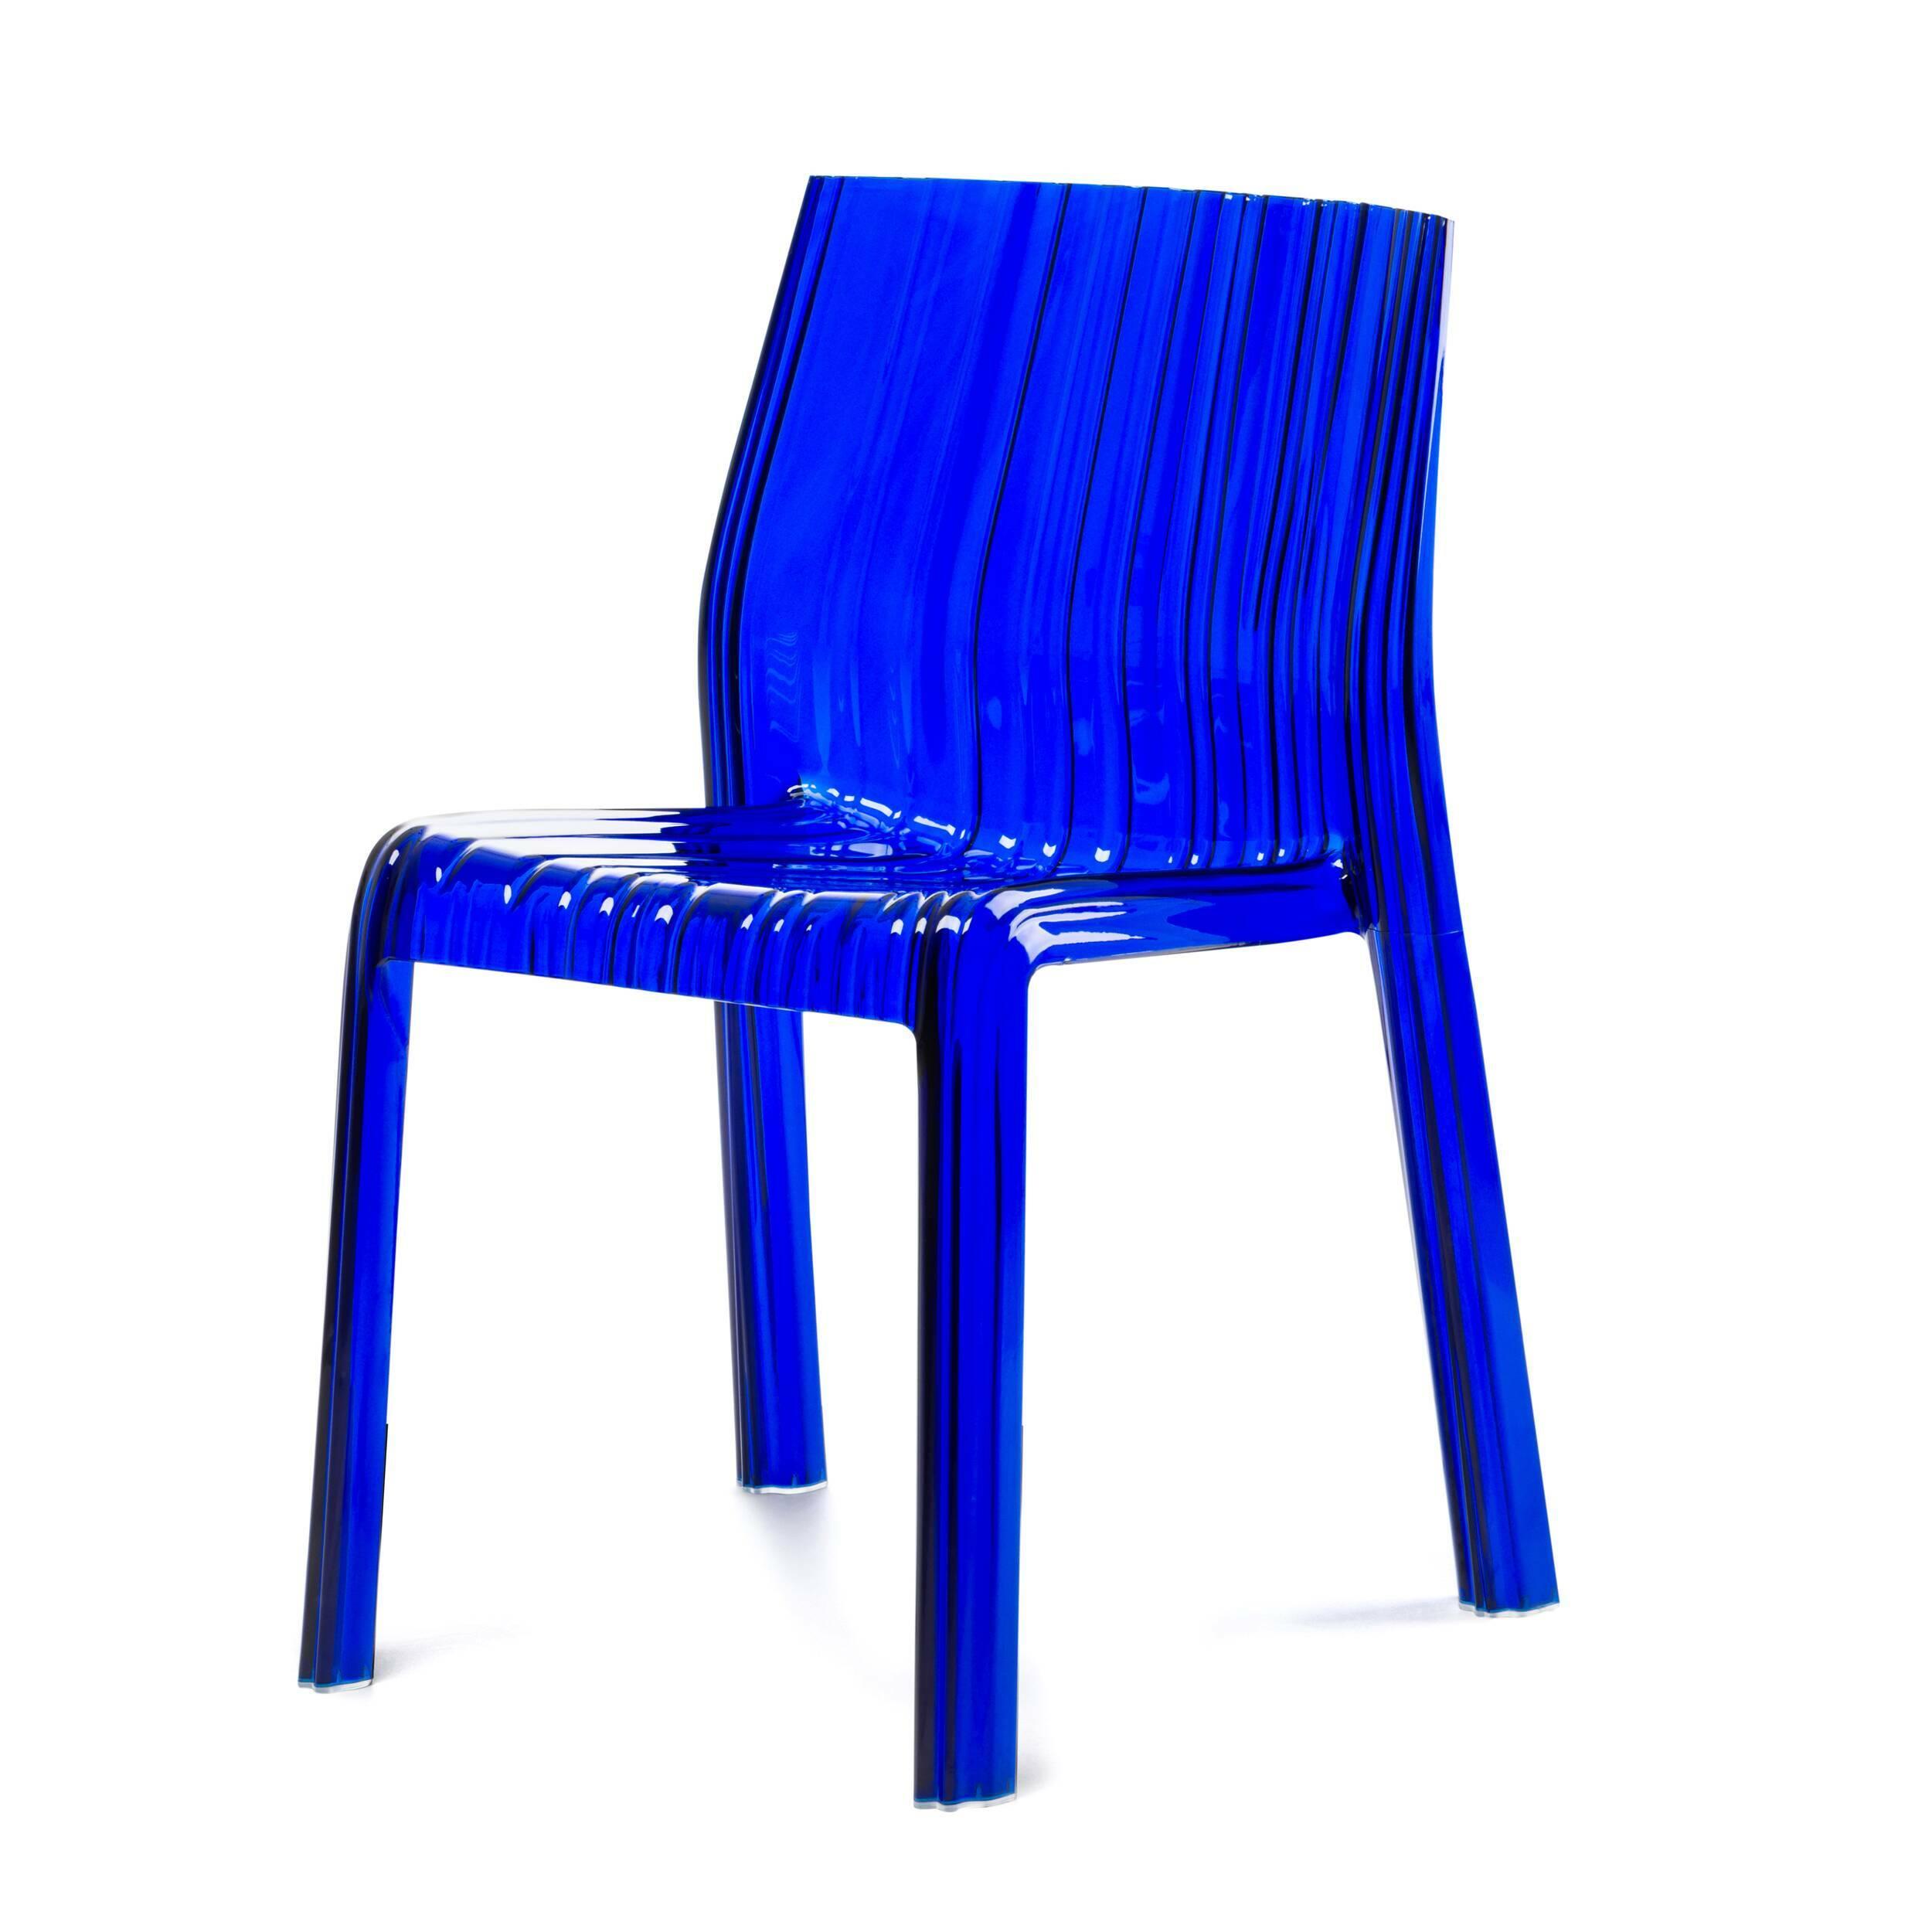 Стул ShimmeryИнтерьерные<br>Дизайнерский легкий синий прозрачный стул SHIMMERY (Шимери) из поликарбоната от Cosmo (Космо).<br><br>     Современный оригинальный стул Shimmery, изготовленный из твердого высококачественного поликарбоната, станет элегантной деталью в интерьере вашего дома, приятным и удобным дополнением рабочего пространства или стильным атрибутом отдыха на открытом воздухе около загородного коттеджа.<br><br>stock: 17<br>Высота: 89<br>Ширина: 42<br>Глубина: 43<br>Материал каркаса: Поликарбонат<br>Тип материала каркаса: Пластик<br>Цвет каркаса: Голубой